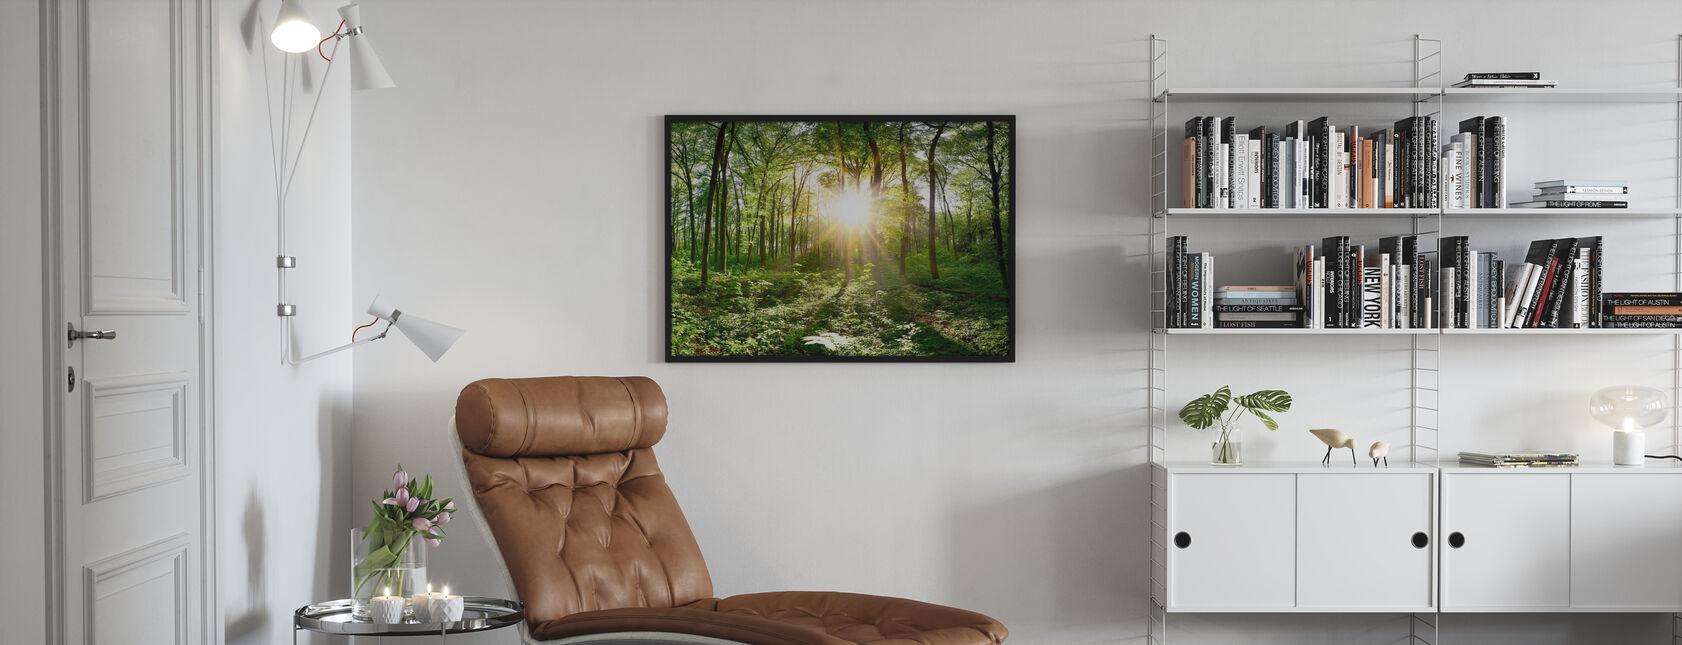 Idyllischer Wald bei Sonnenaufgang - Poster - Wohnzimmer